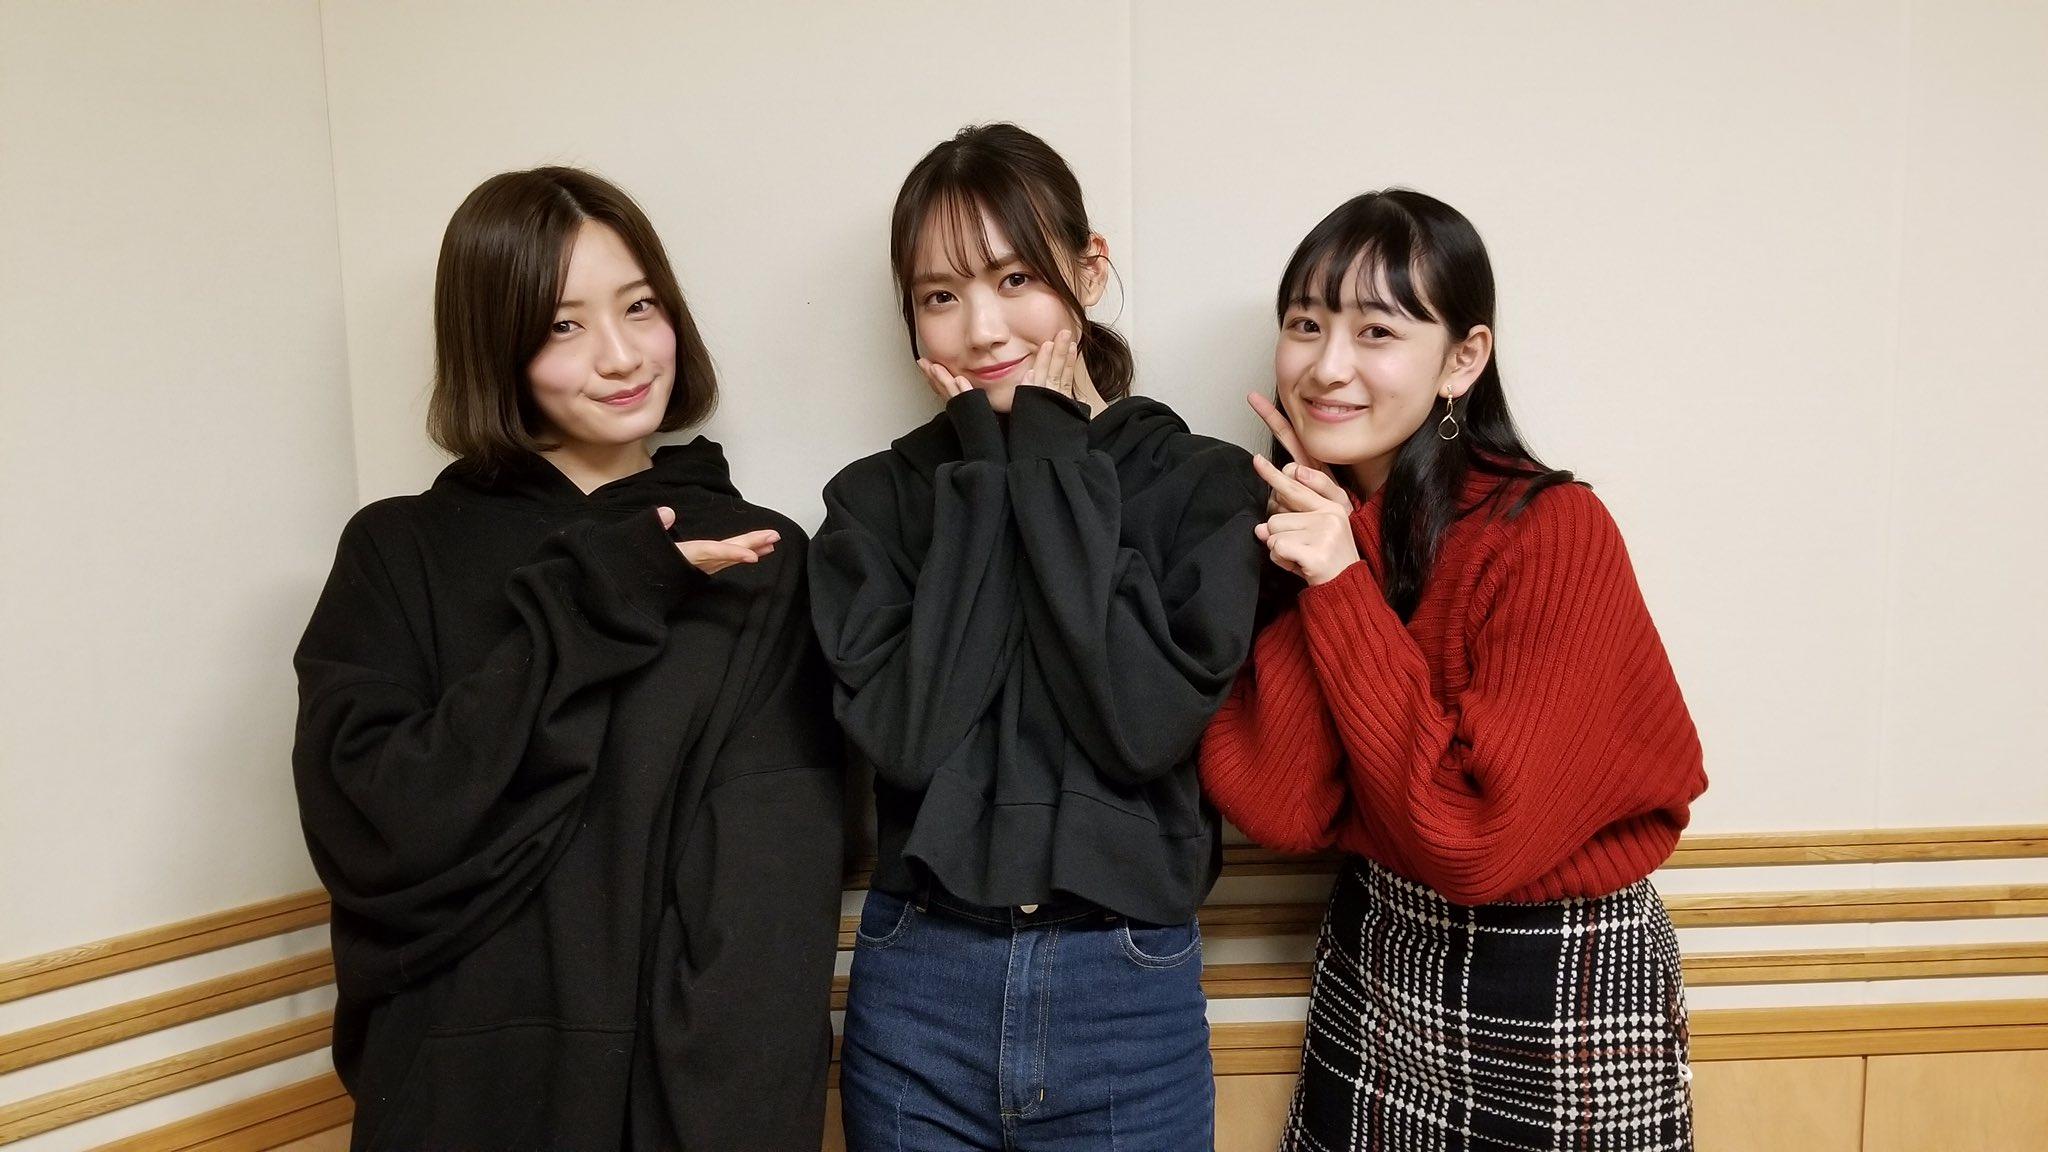 乃木坂46の「の」 中田花奈 田村真佑 向井葉月